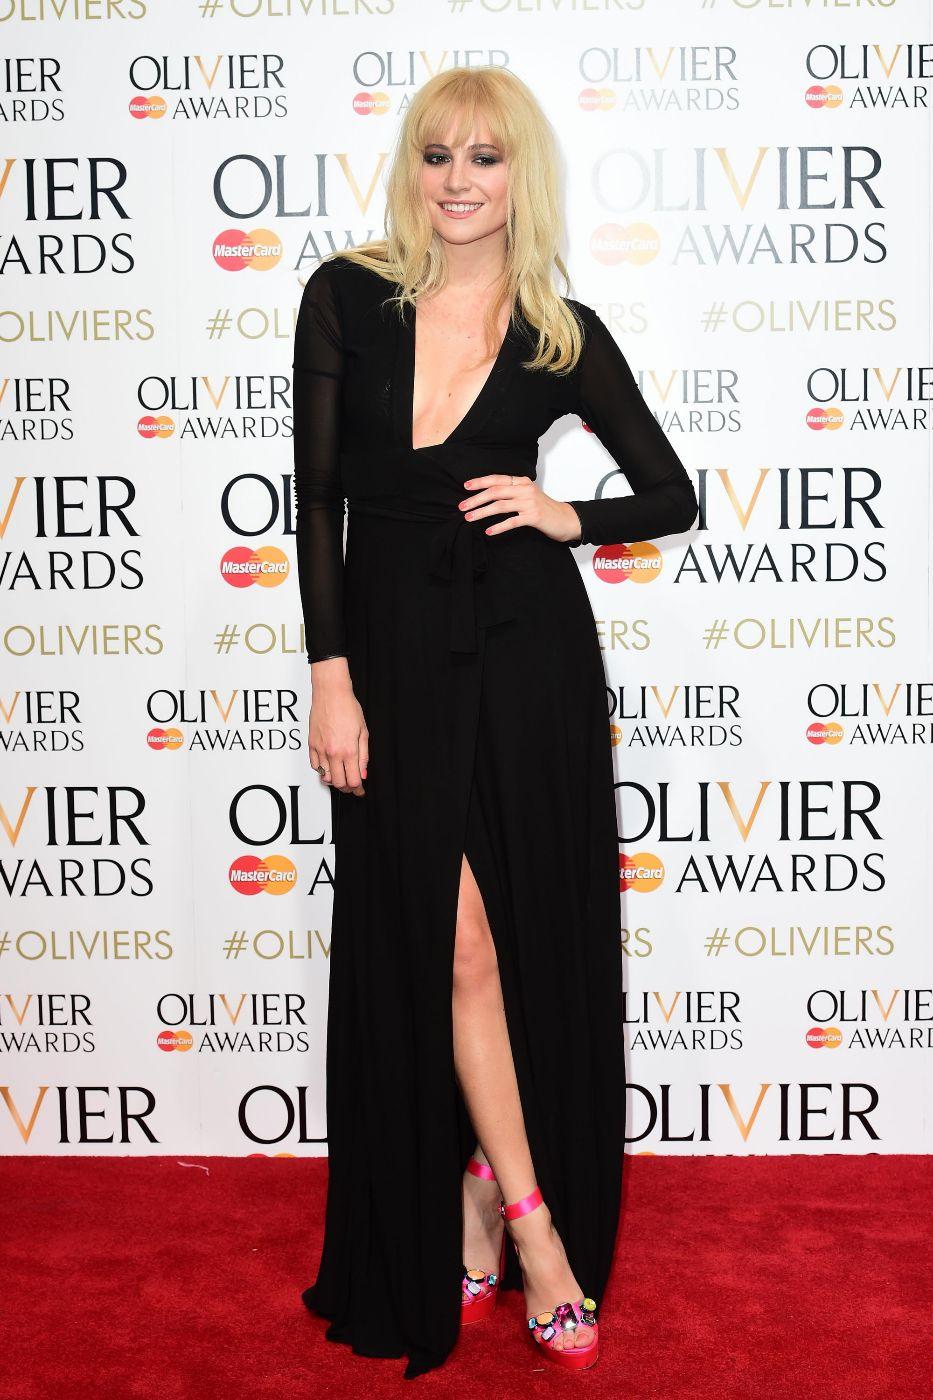 Pixie_Lott_Olivier_Awards2015_004